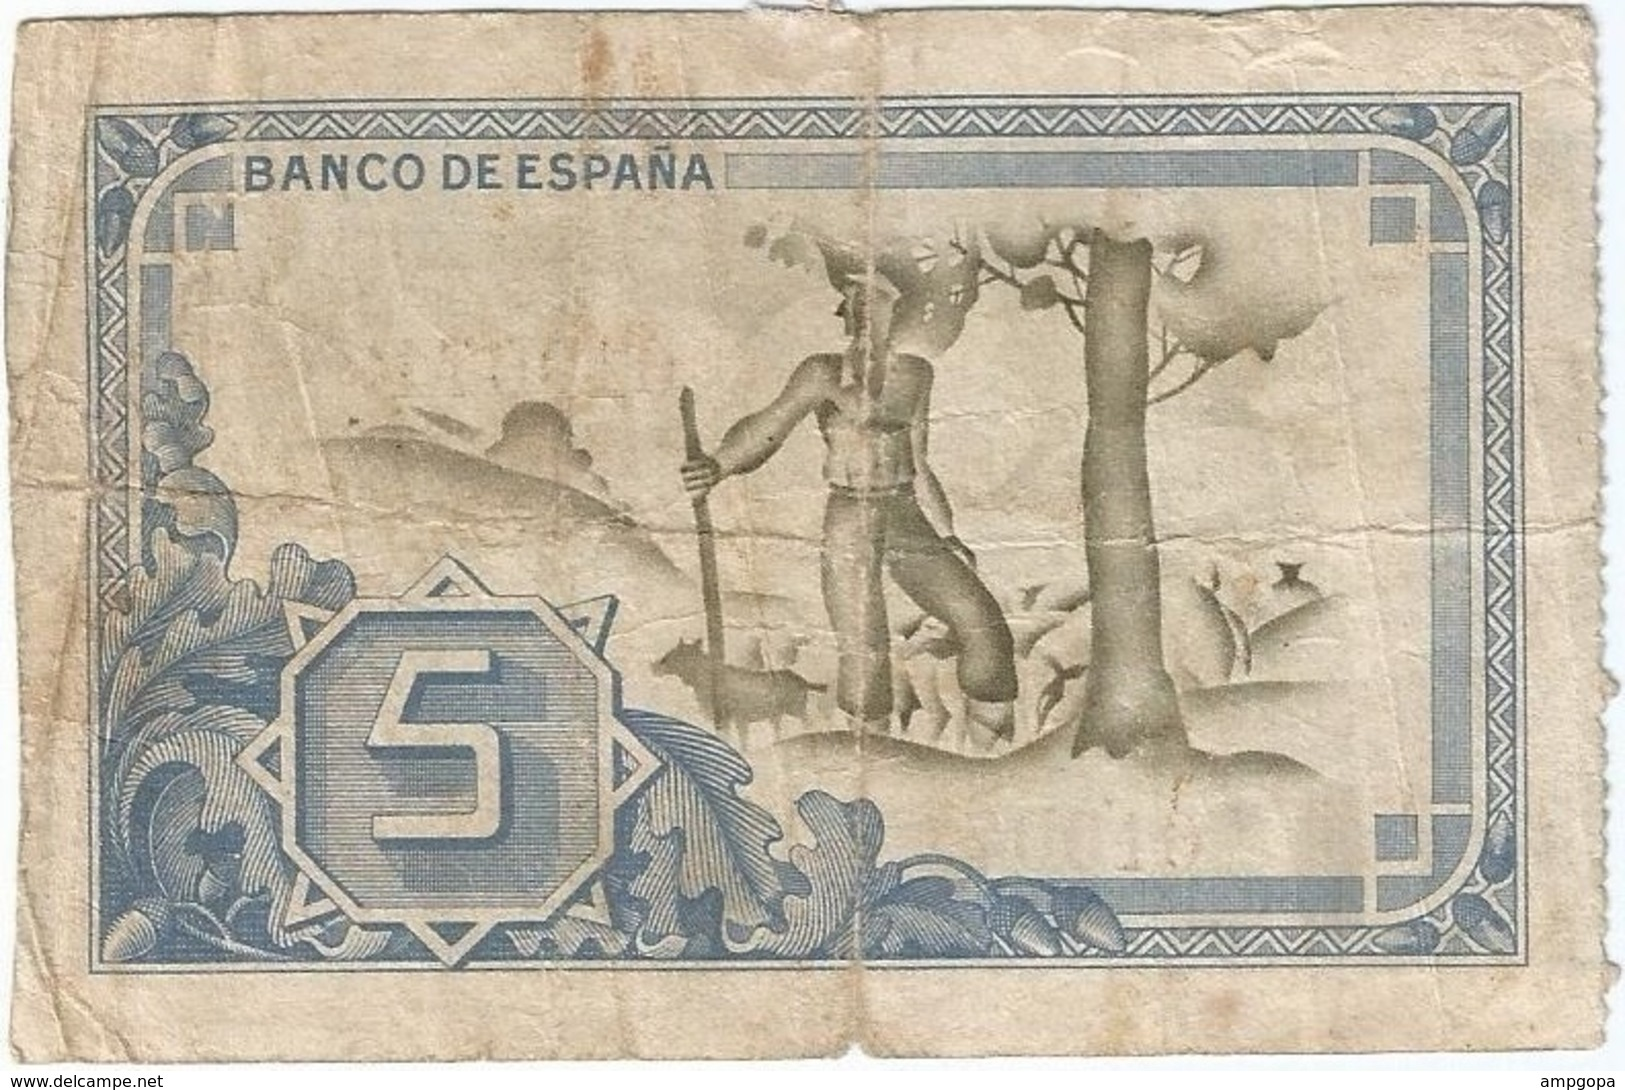 España - Spain 5 Pesetas Bilbao 1-1-1937 Pk-s 561 1.g Caja De Ahorros Vizcaína Sin Serie Ref 1425-2 - [ 3] 1936-1975 : Régence De Franco